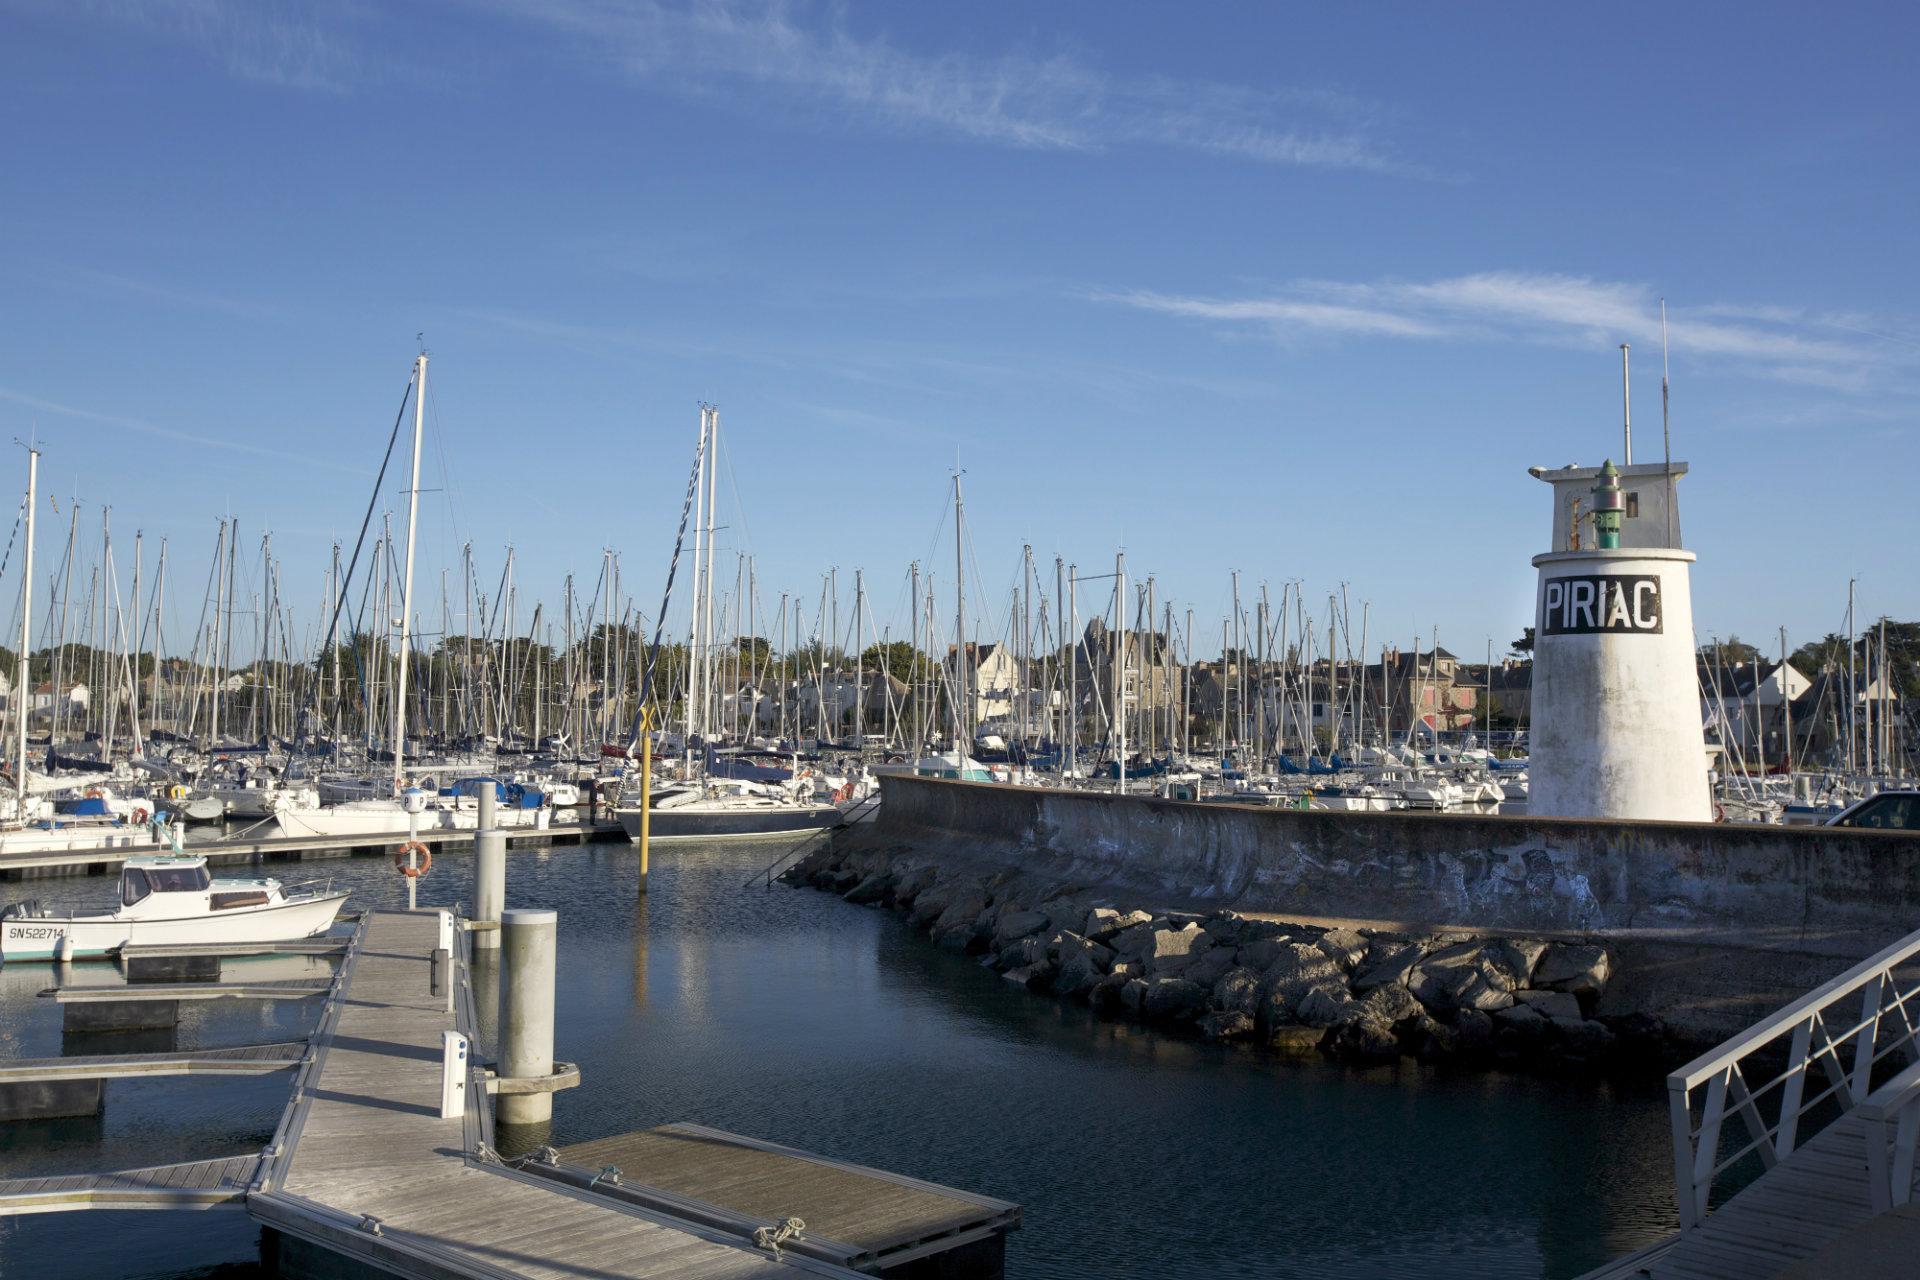 Port de Piriac - Teddy Locquard